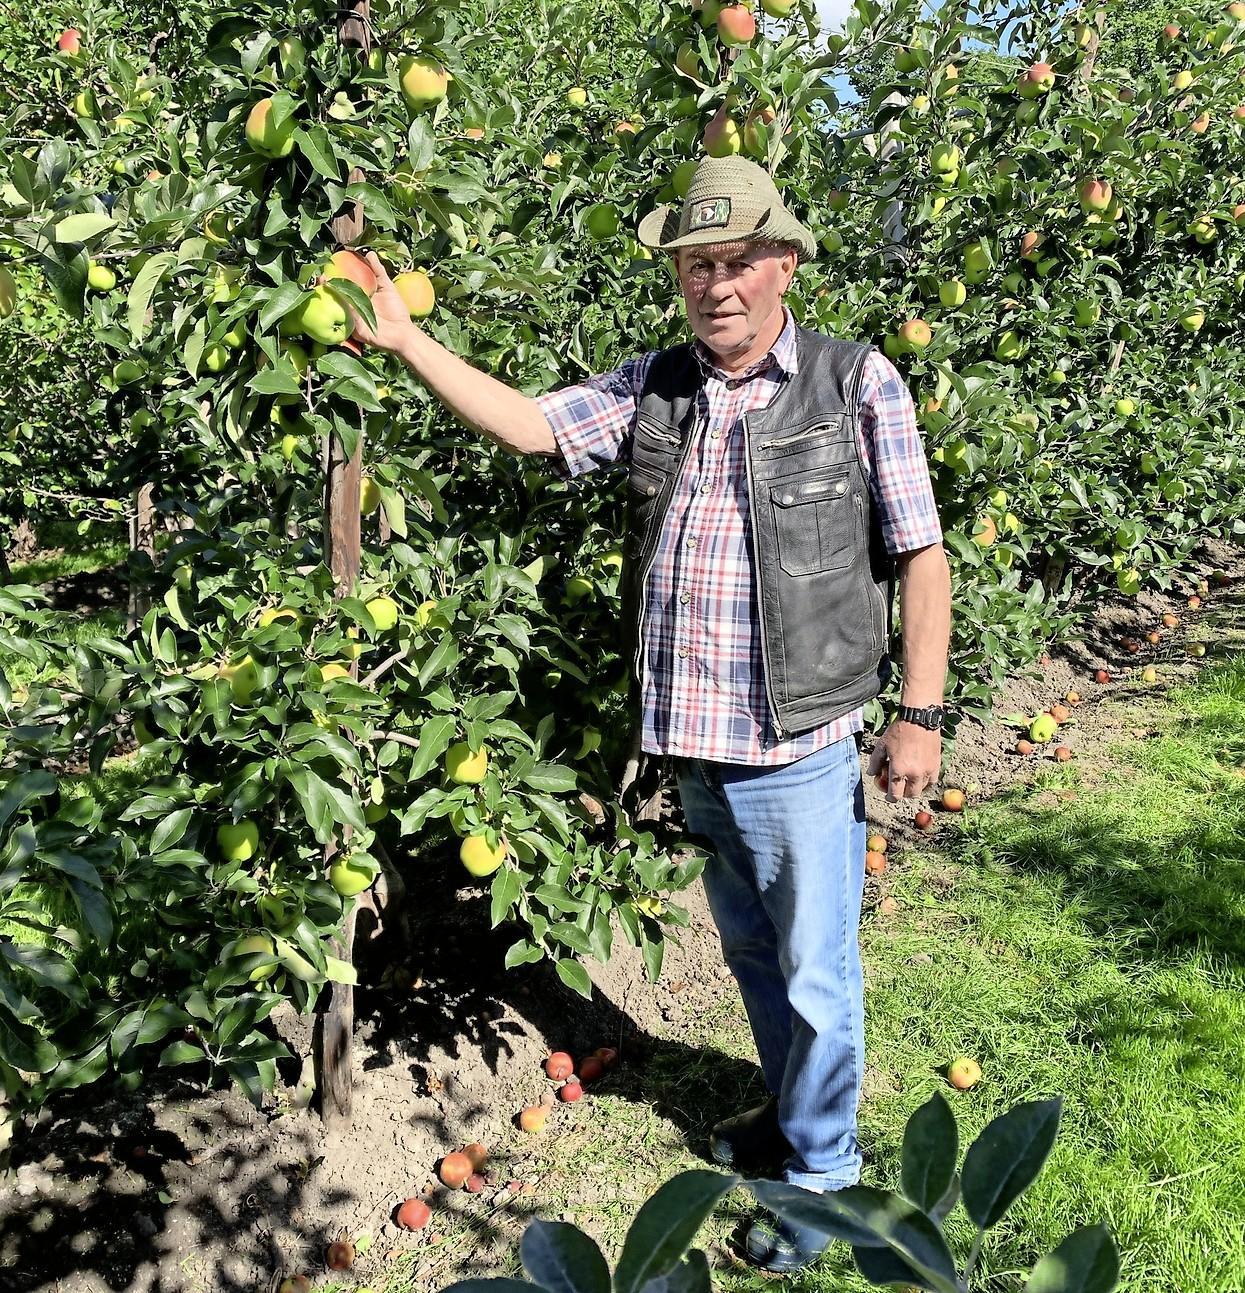 Vroegste appelras Delcorf vanaf vandaag weer verkrijgbaar in de West-Friese fruitstalletjes